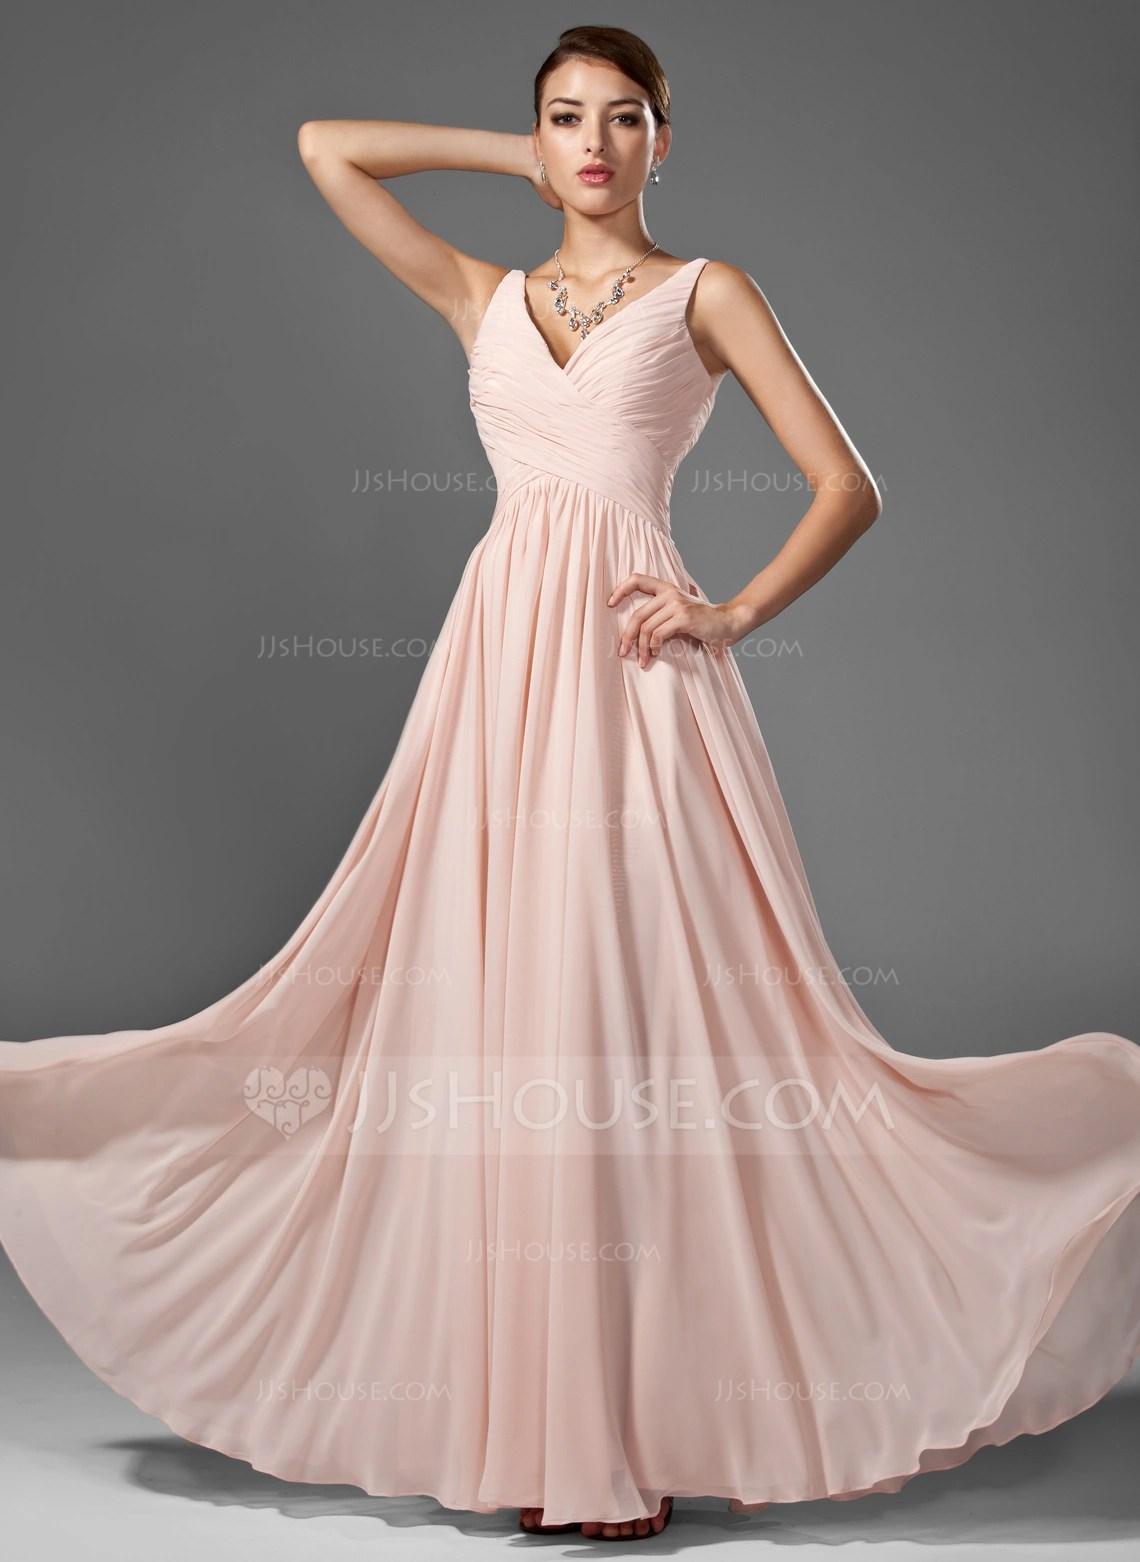 A LinePrincess V Neck Floor Length Chiffon Prom Dresses